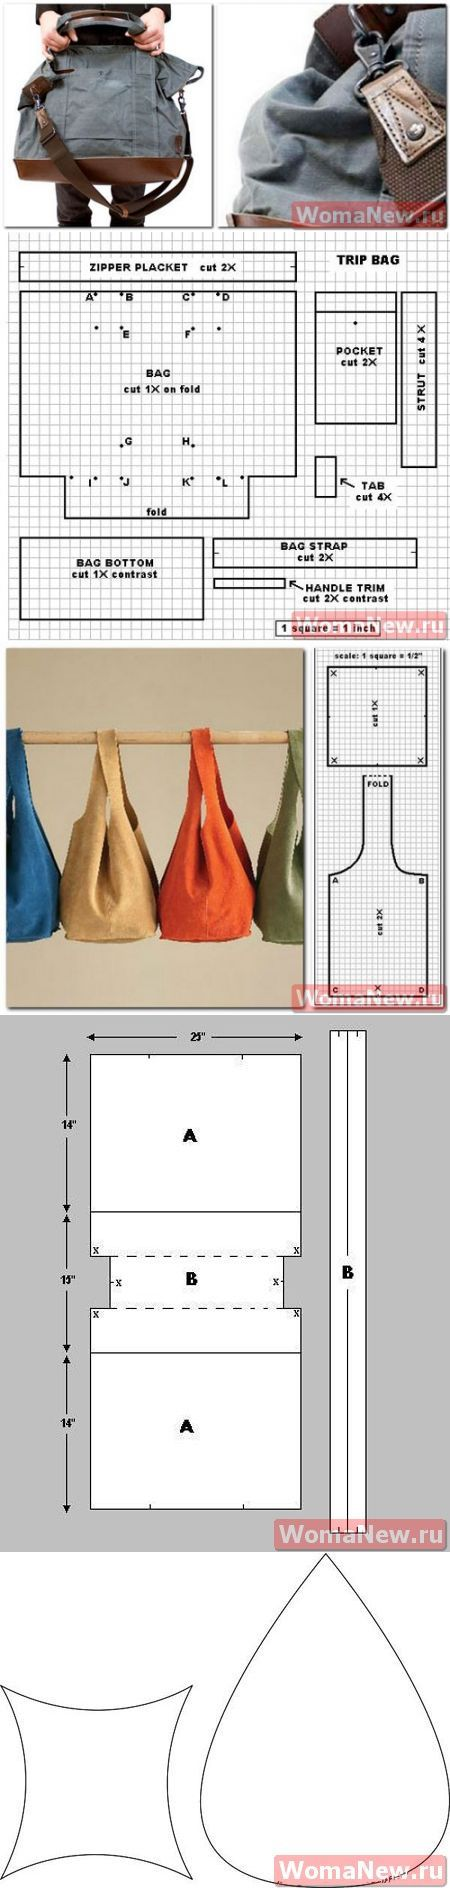 Patterns sacs de tissu | WomaNew.ru - cours de couture.